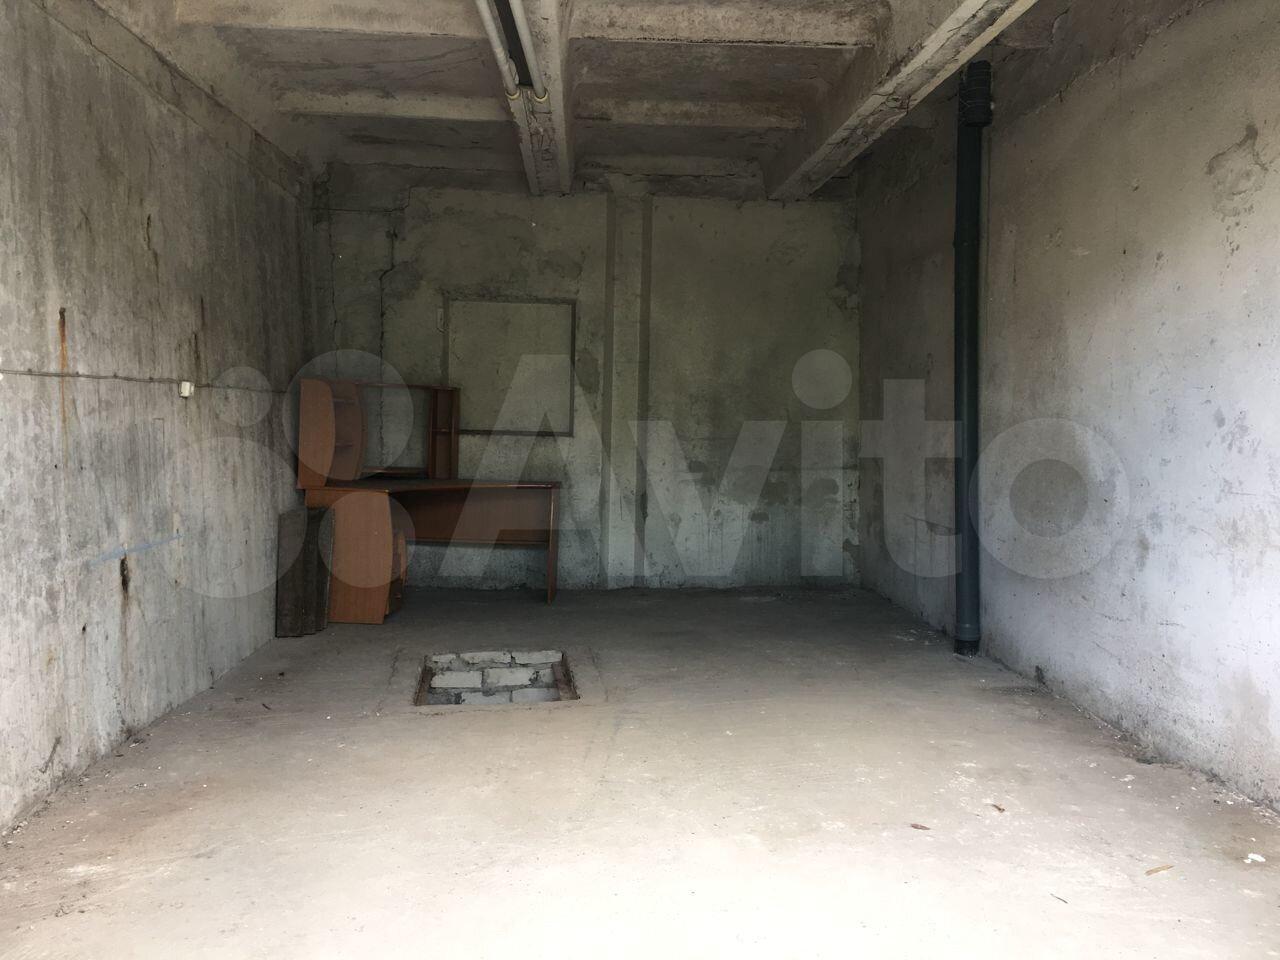 Garage 21 m2 89603743731 köp 3